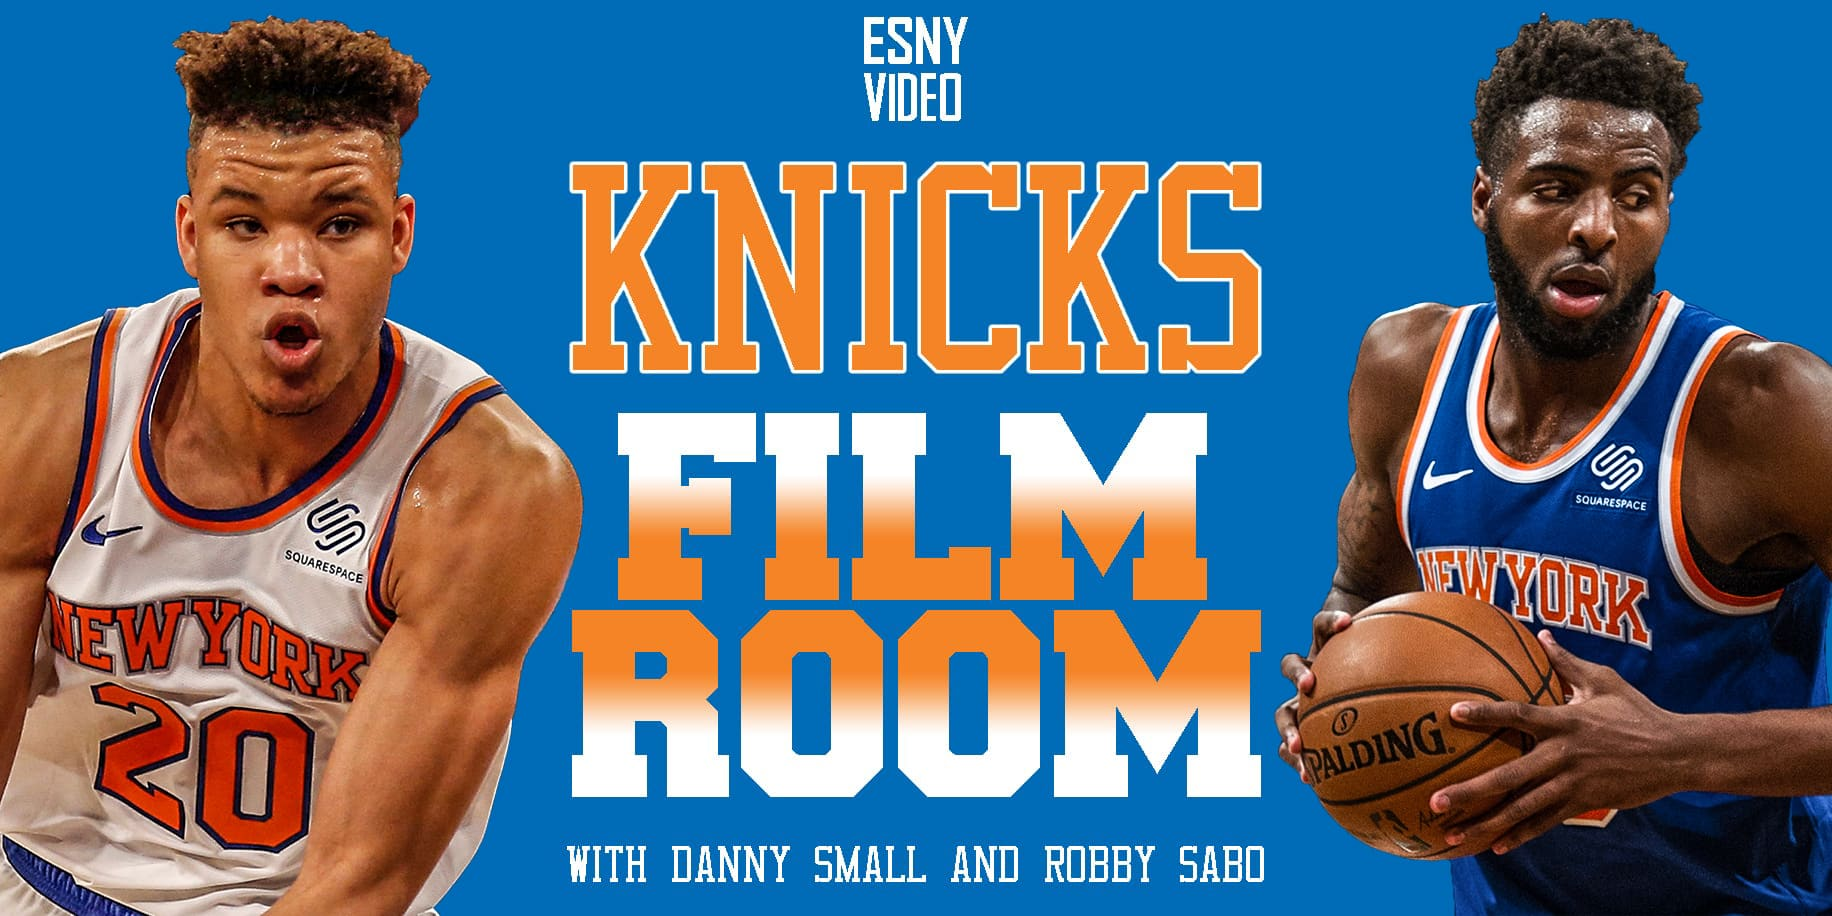 ESNY Knicks Film Room